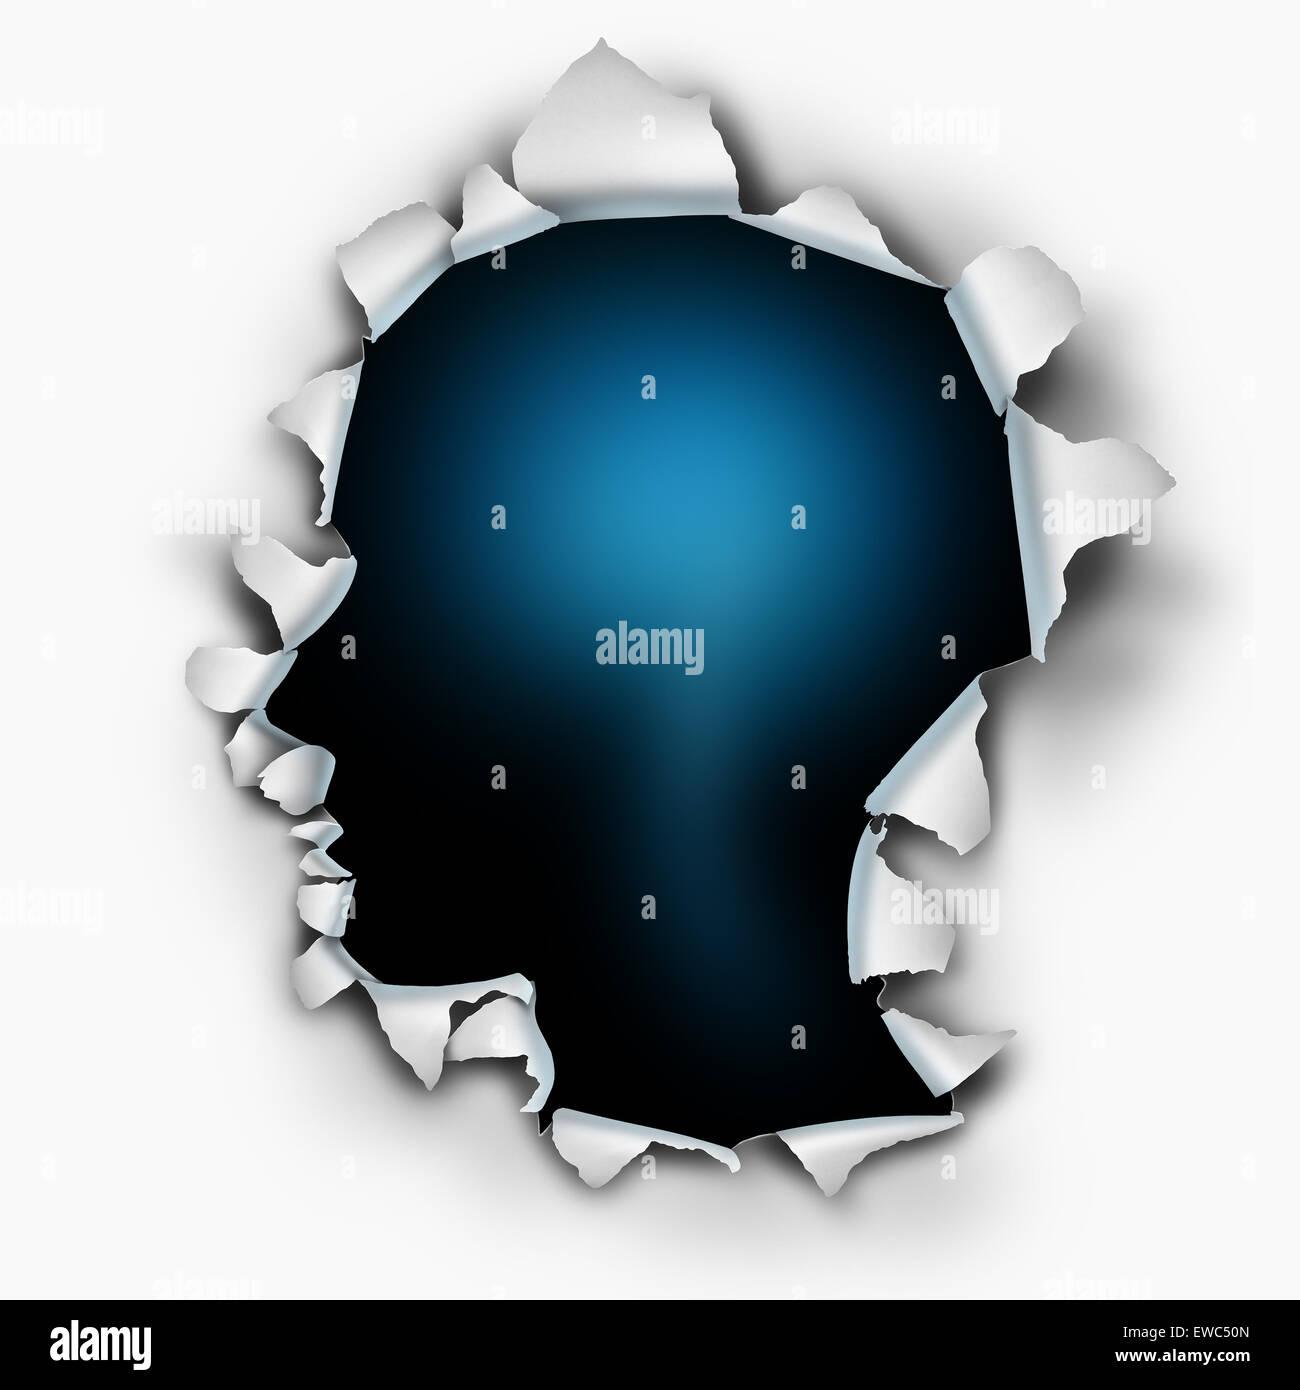 Innerhalb Sie menschlichen Denkens Konzept als Papier platzen Loch mit zerrissenen Zerrissene Kanten geformt wie Stockbild